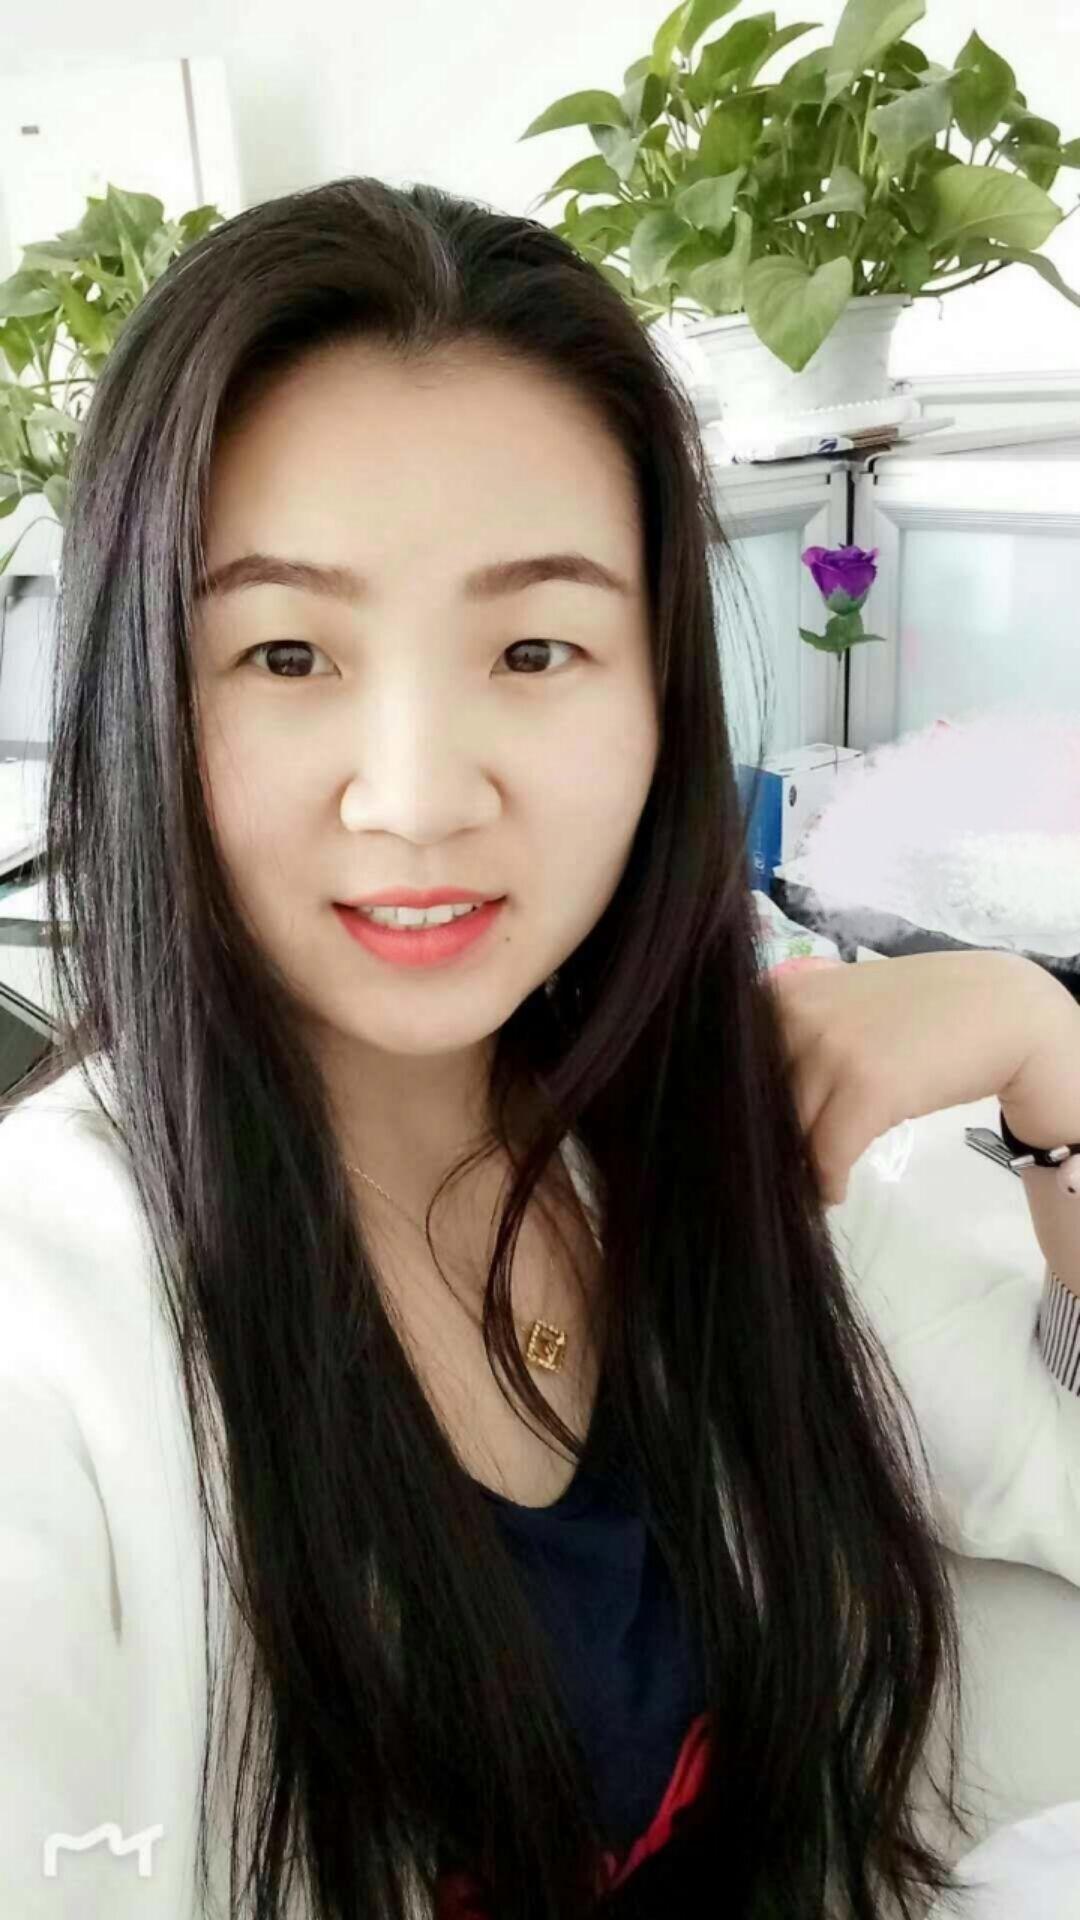 胡安珍 - qaxyf.com北納標物網